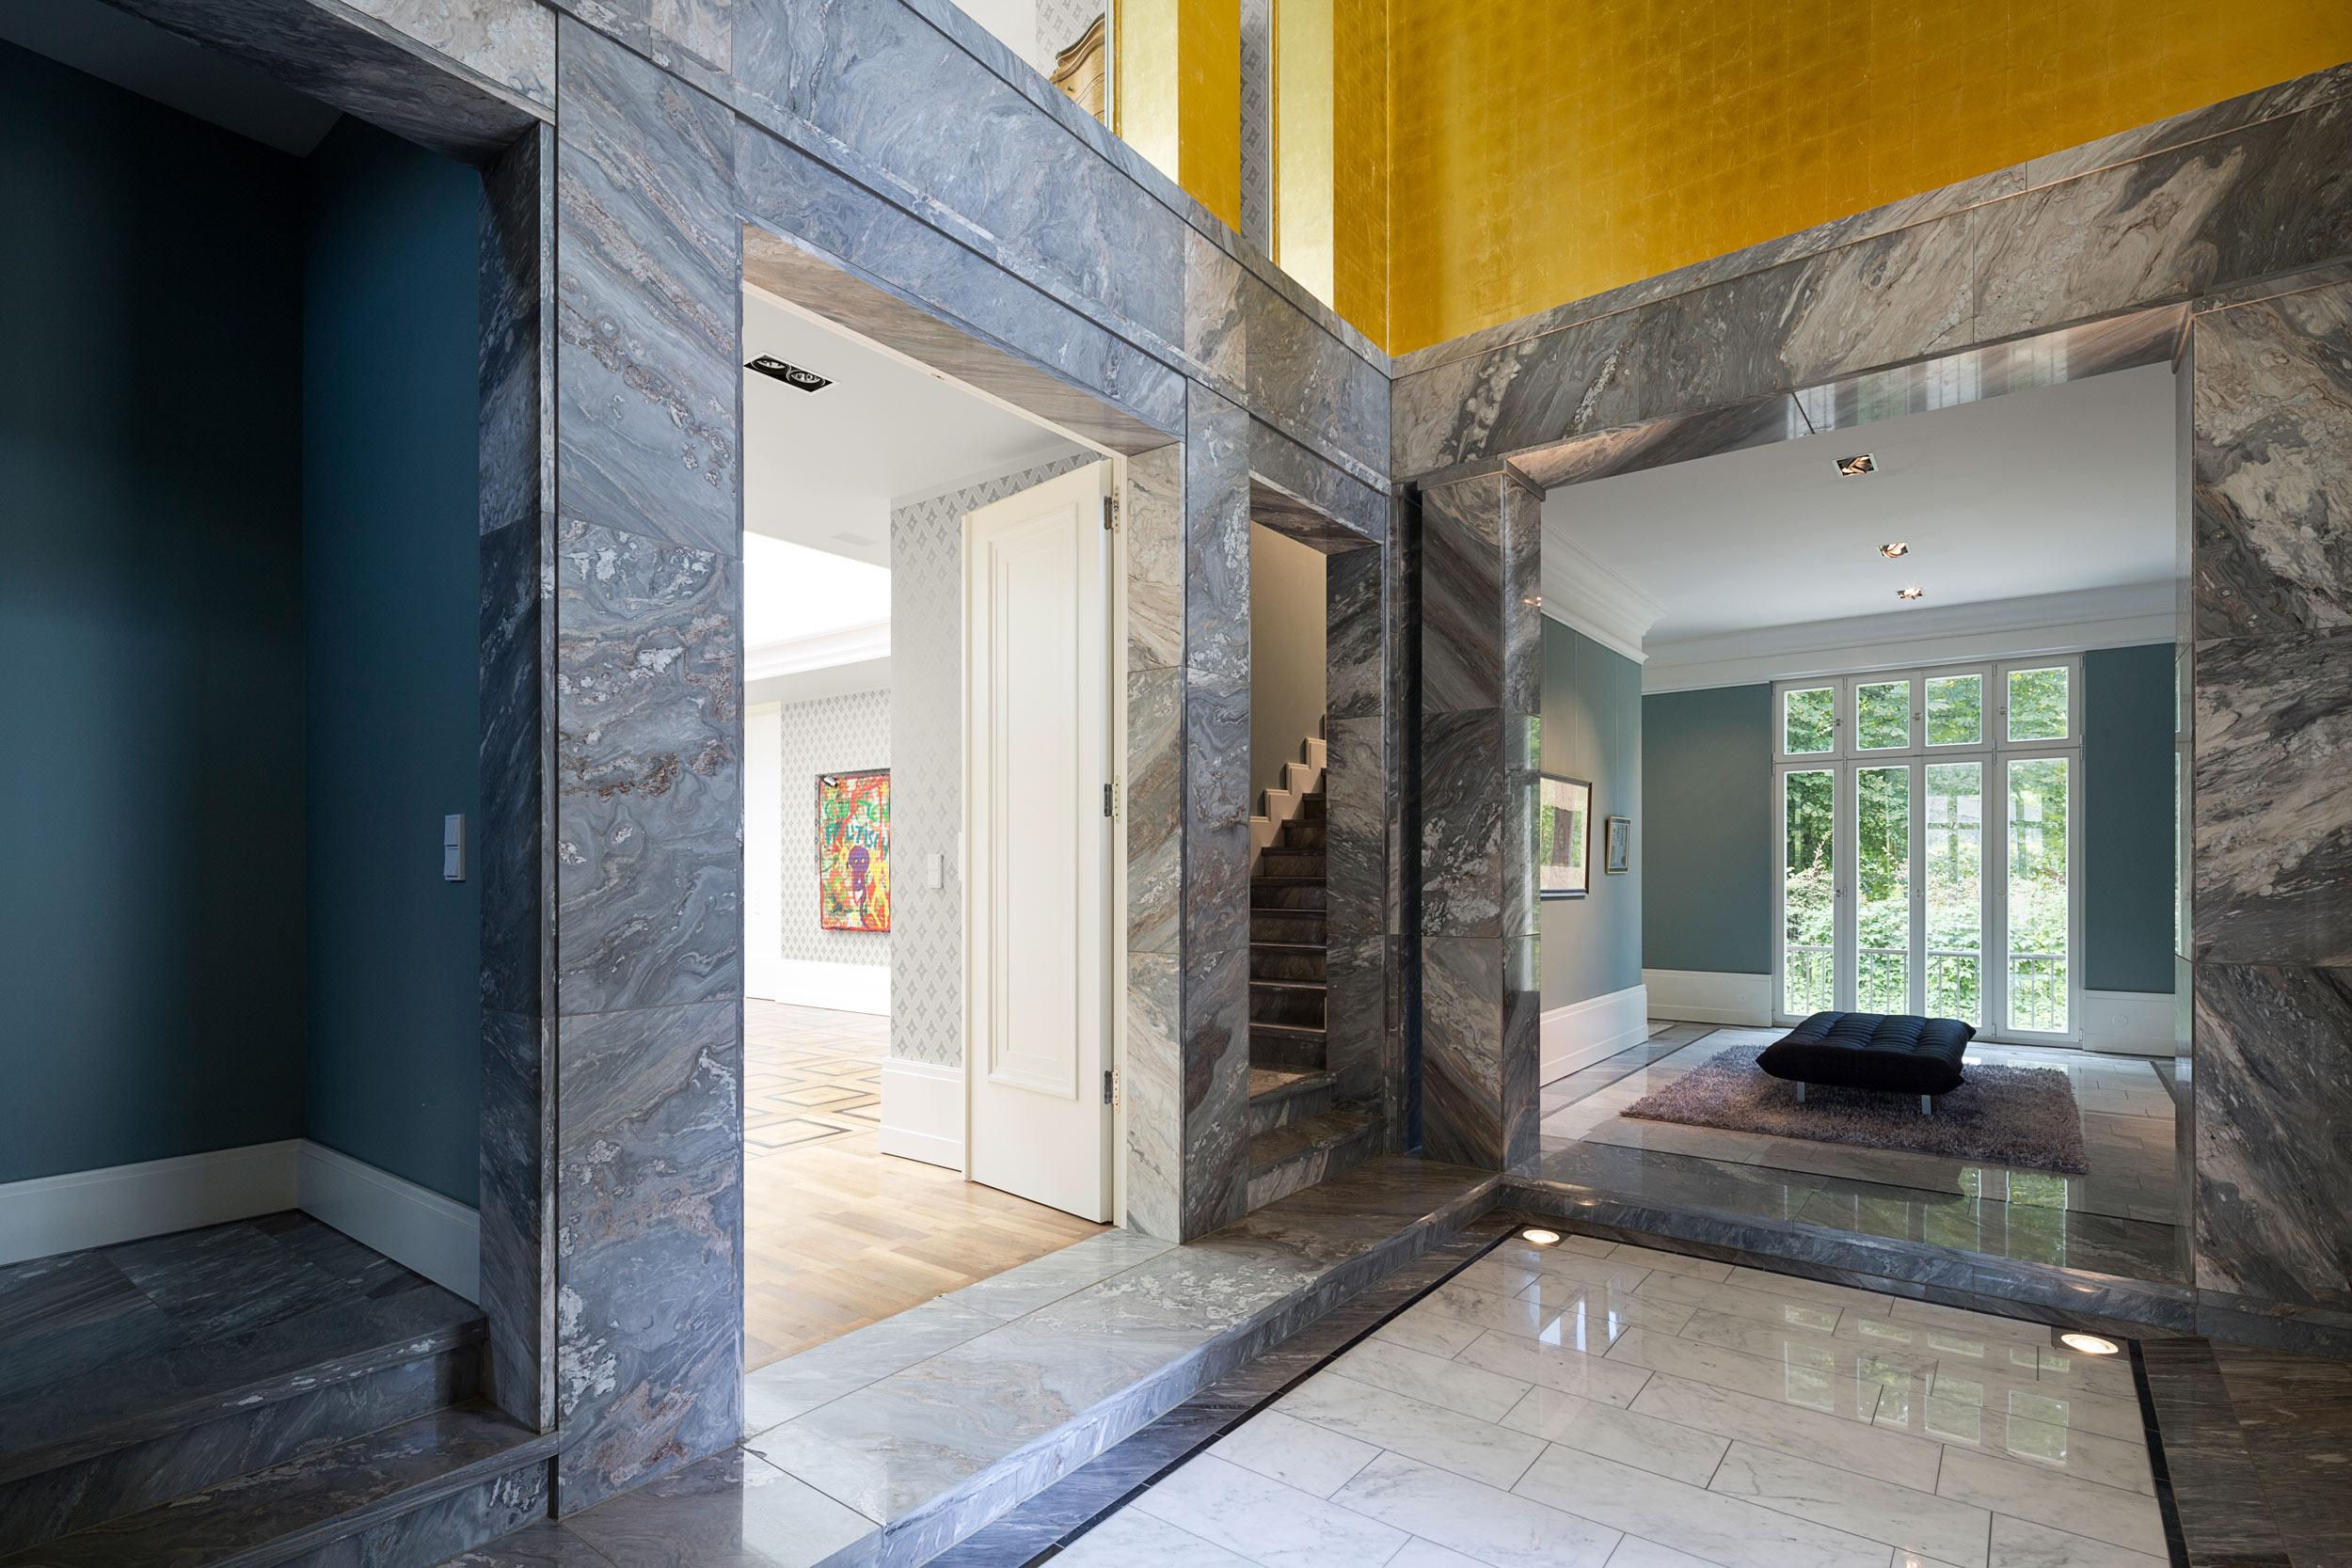 Neubau einer Villa im neoklassizistischen Stil - Graue Marmorsäulen und eine goldene Lichtkuppel strukturieren die Eingangshalle